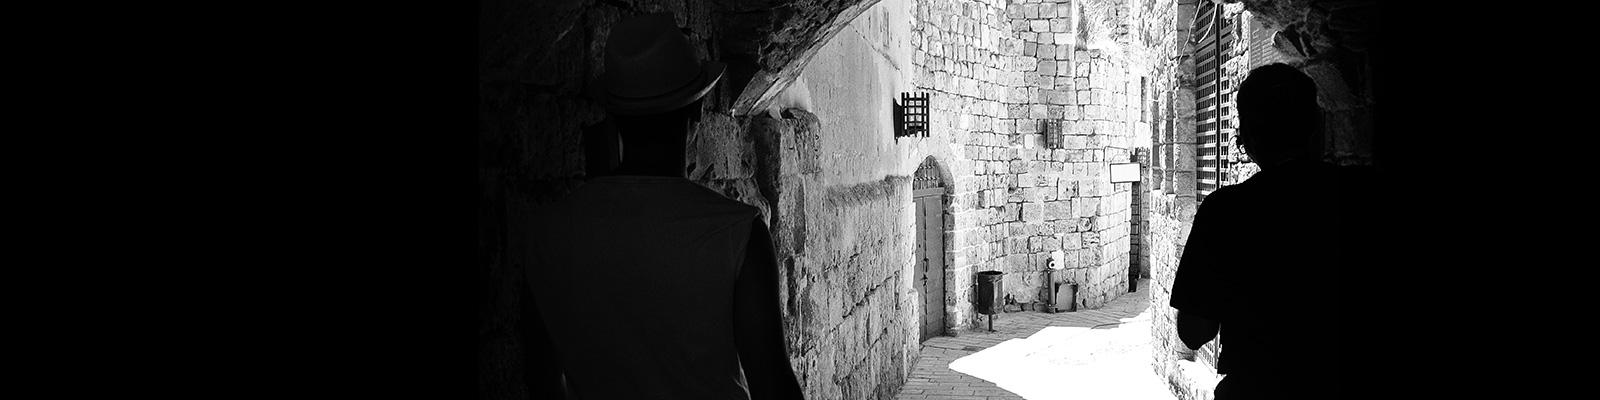 イスラエル 遭遇 異邦人 イメージ